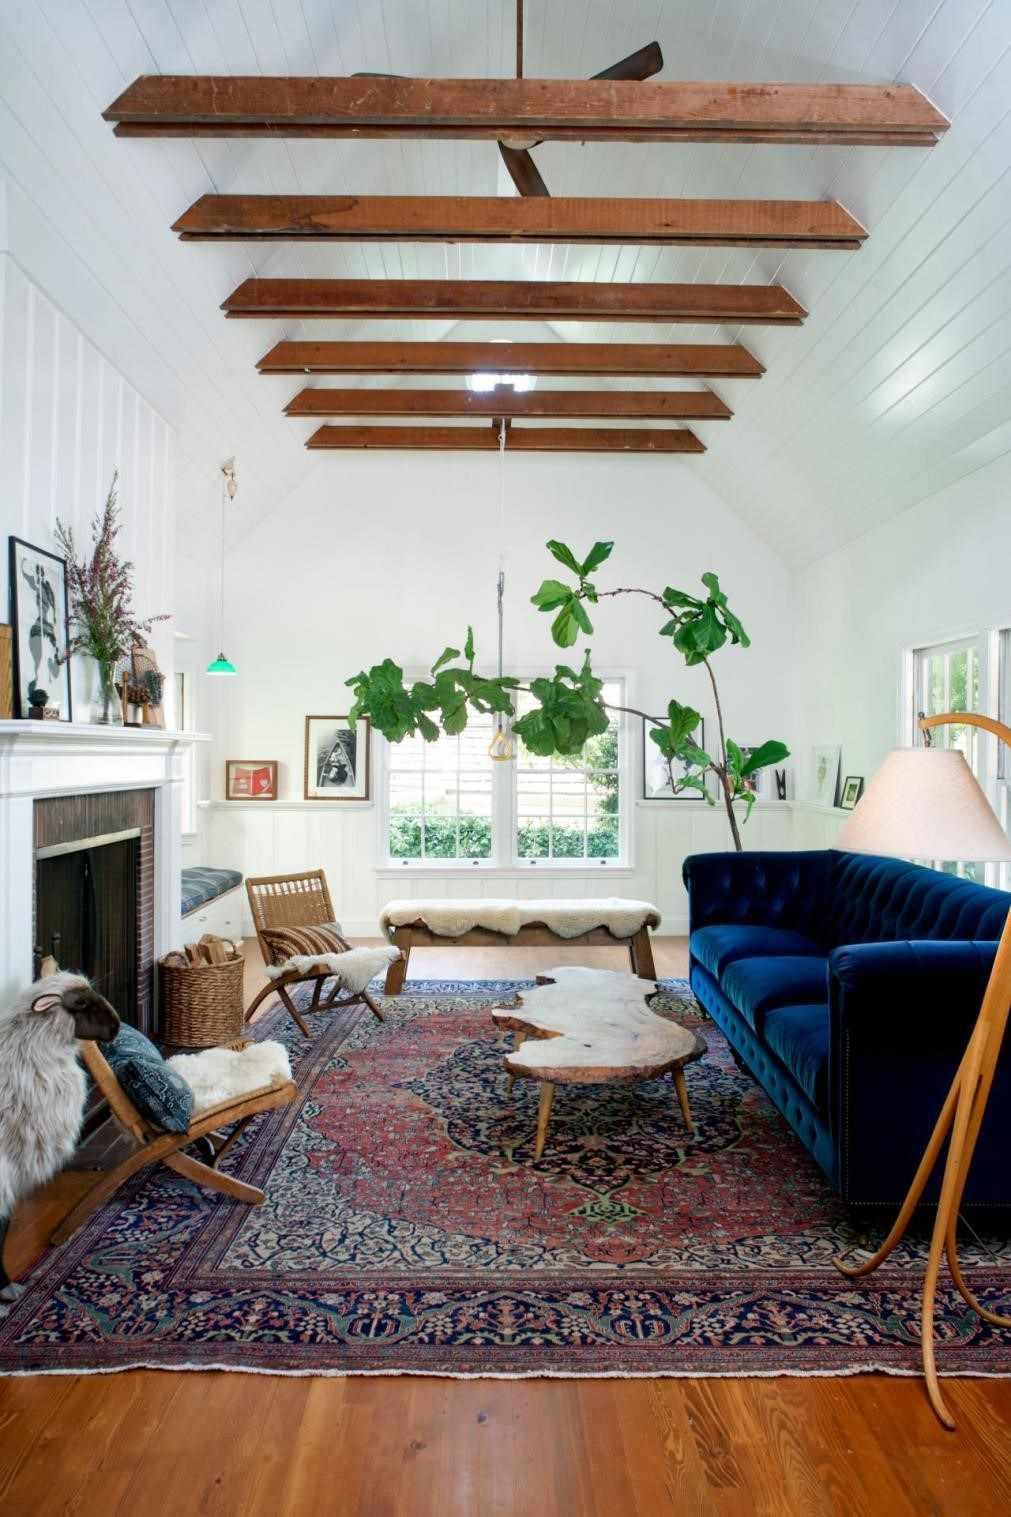 Apartment Decorating Ideas No Paint